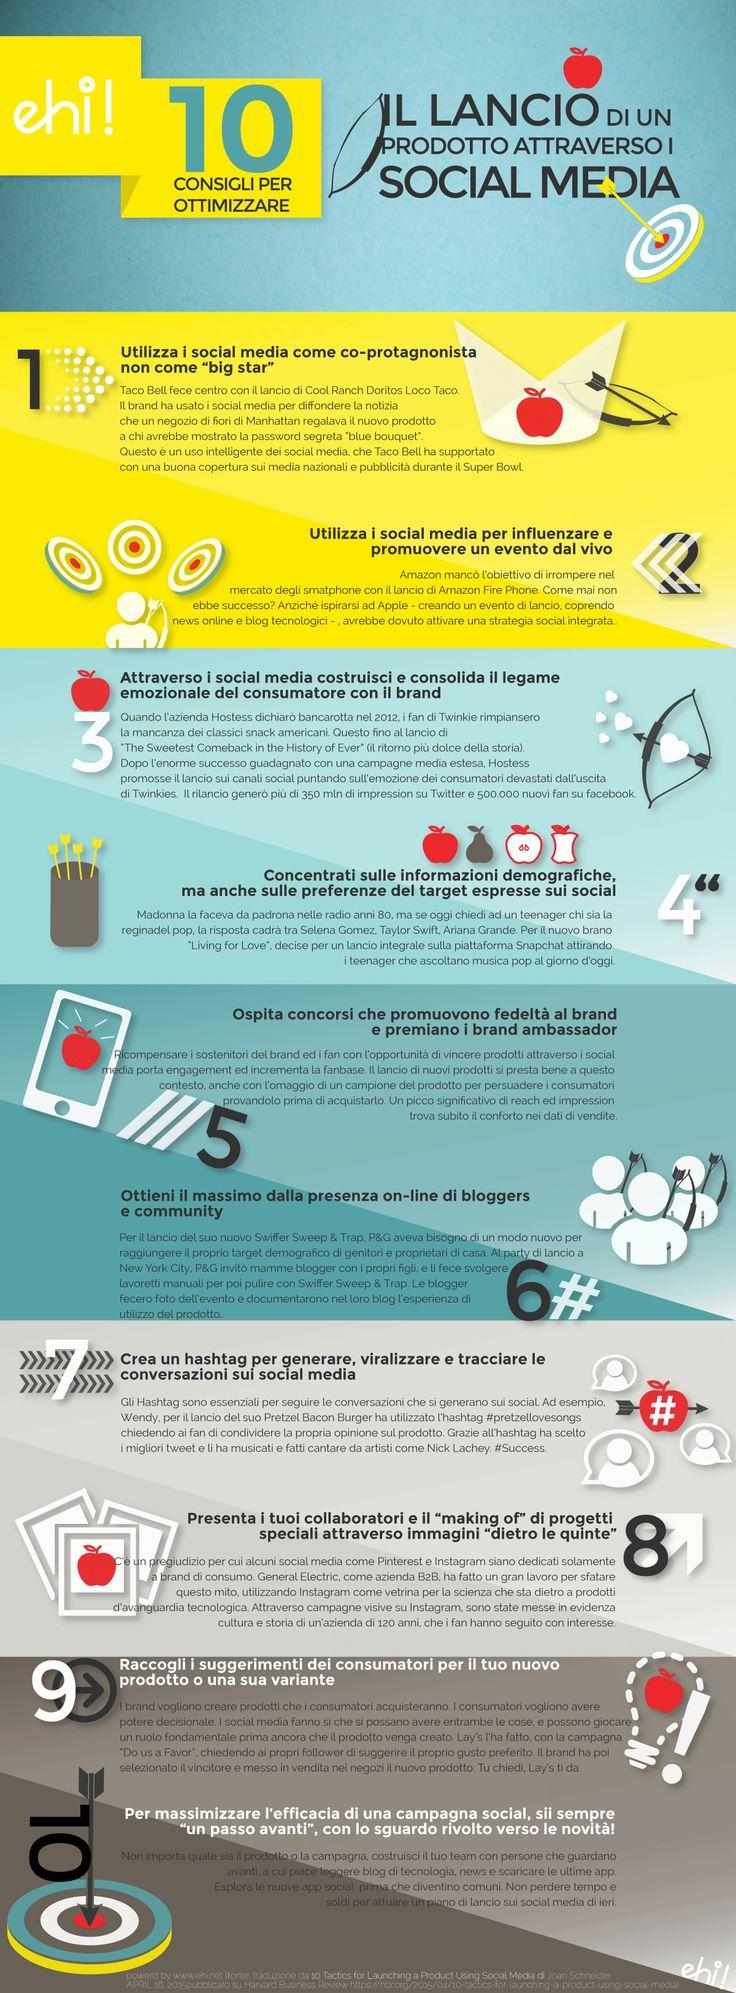 infograficaDEF